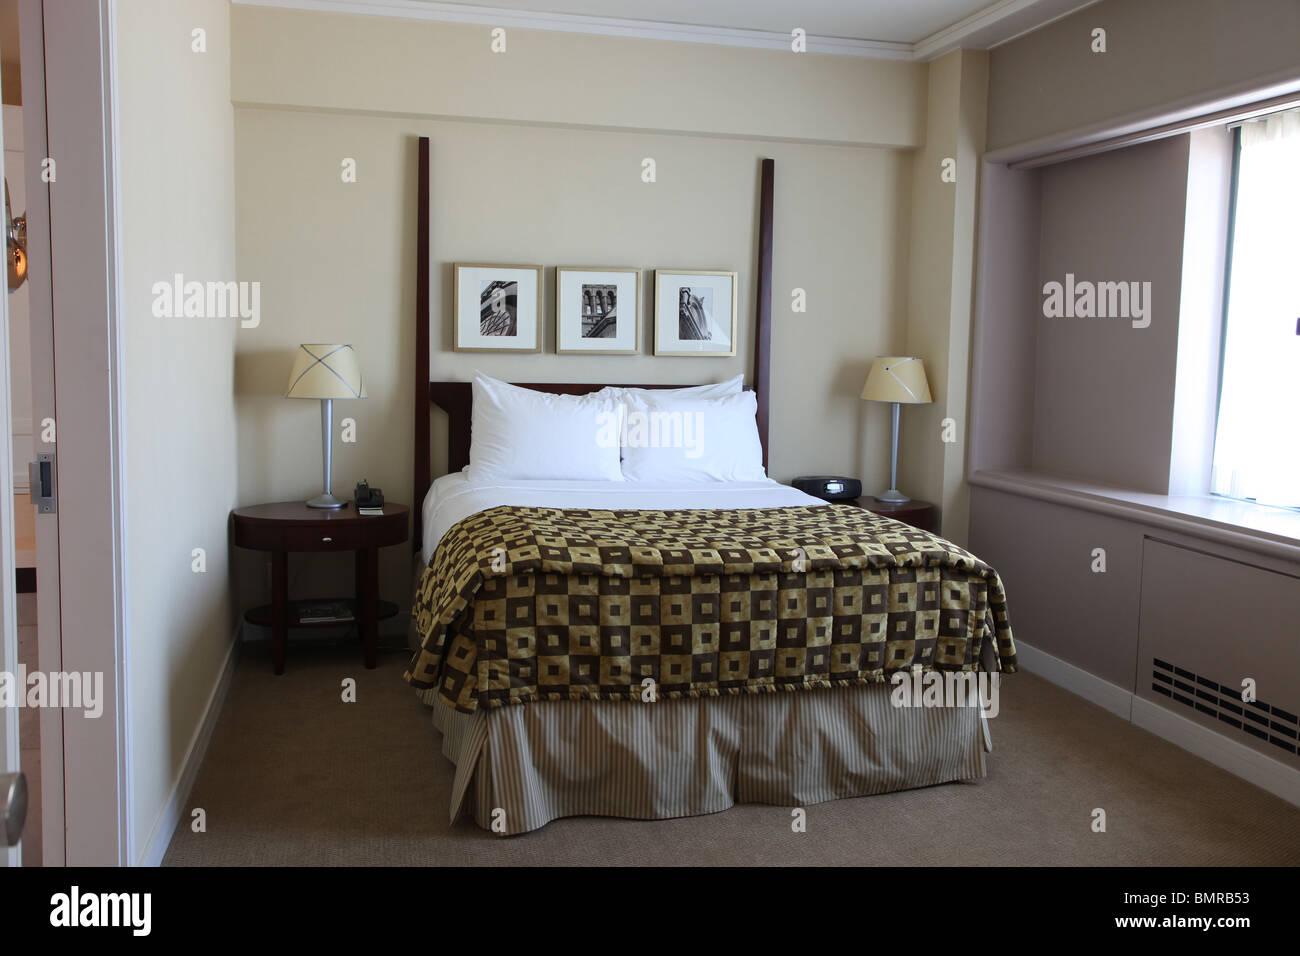 Dormitorio en suite del hotel Fairmont Queen Elizabeth, de Montreal Imagen De Stock